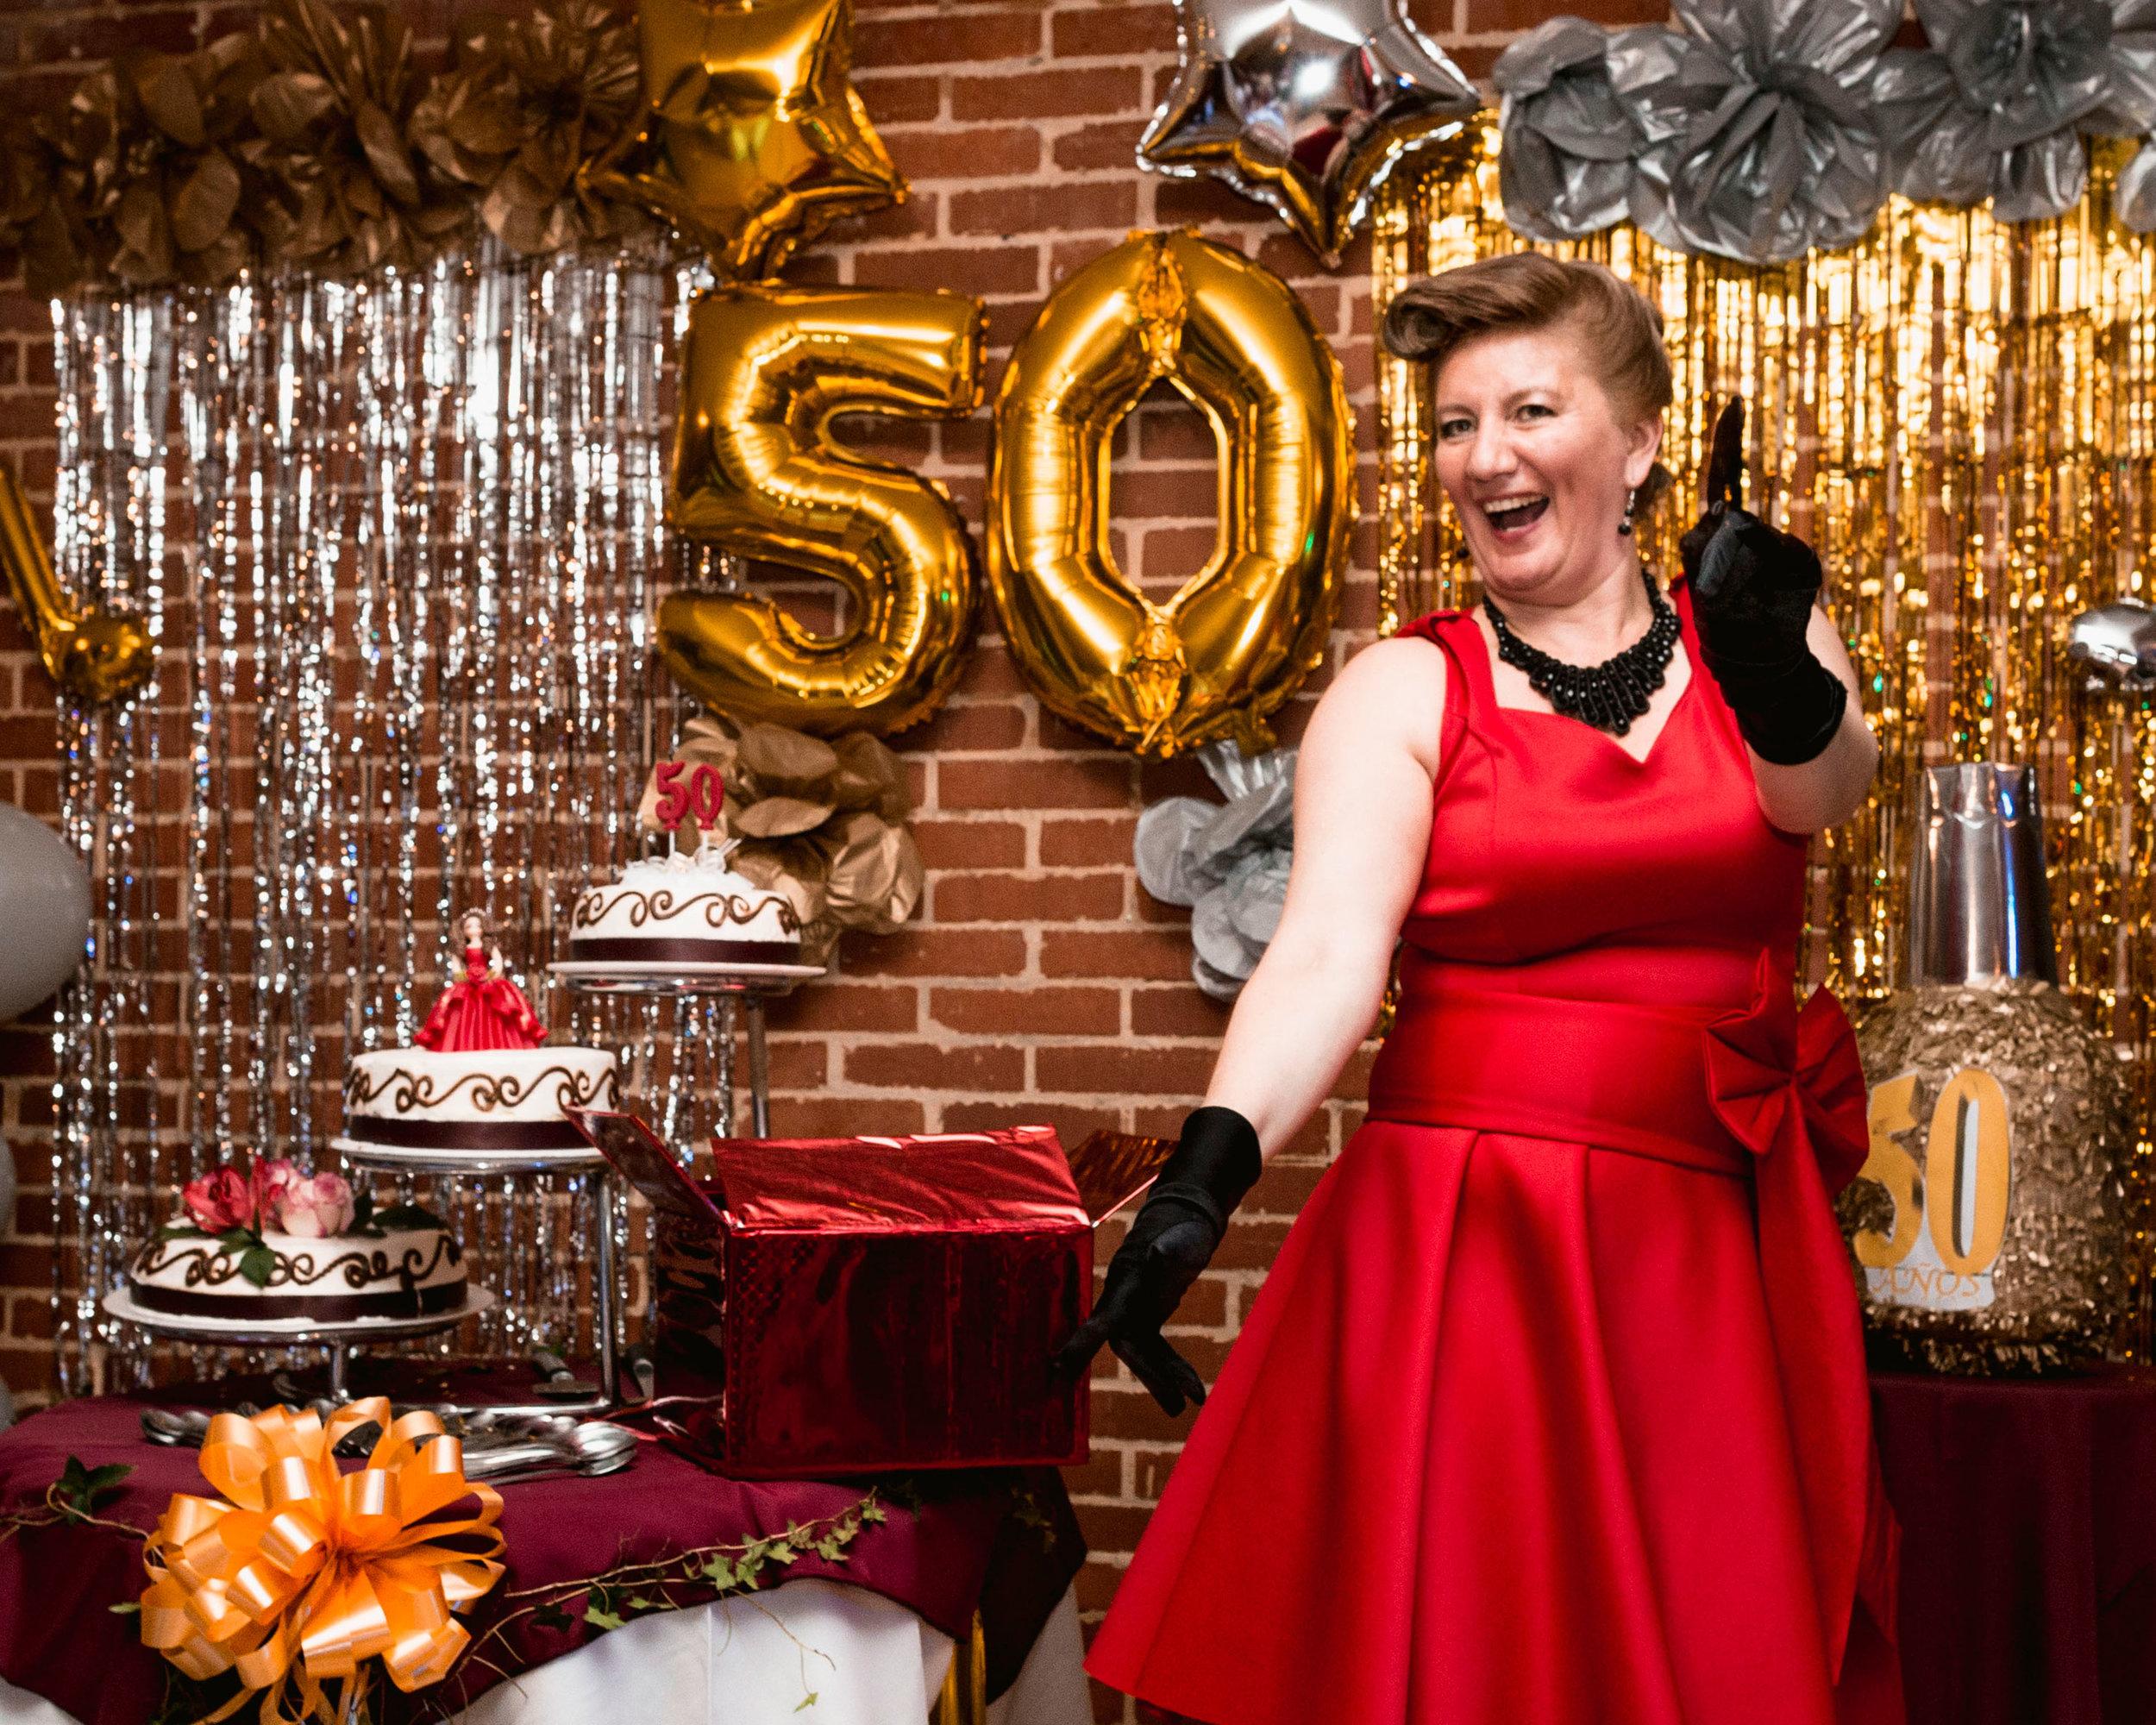 fotografia fiestas eventos celebraciones